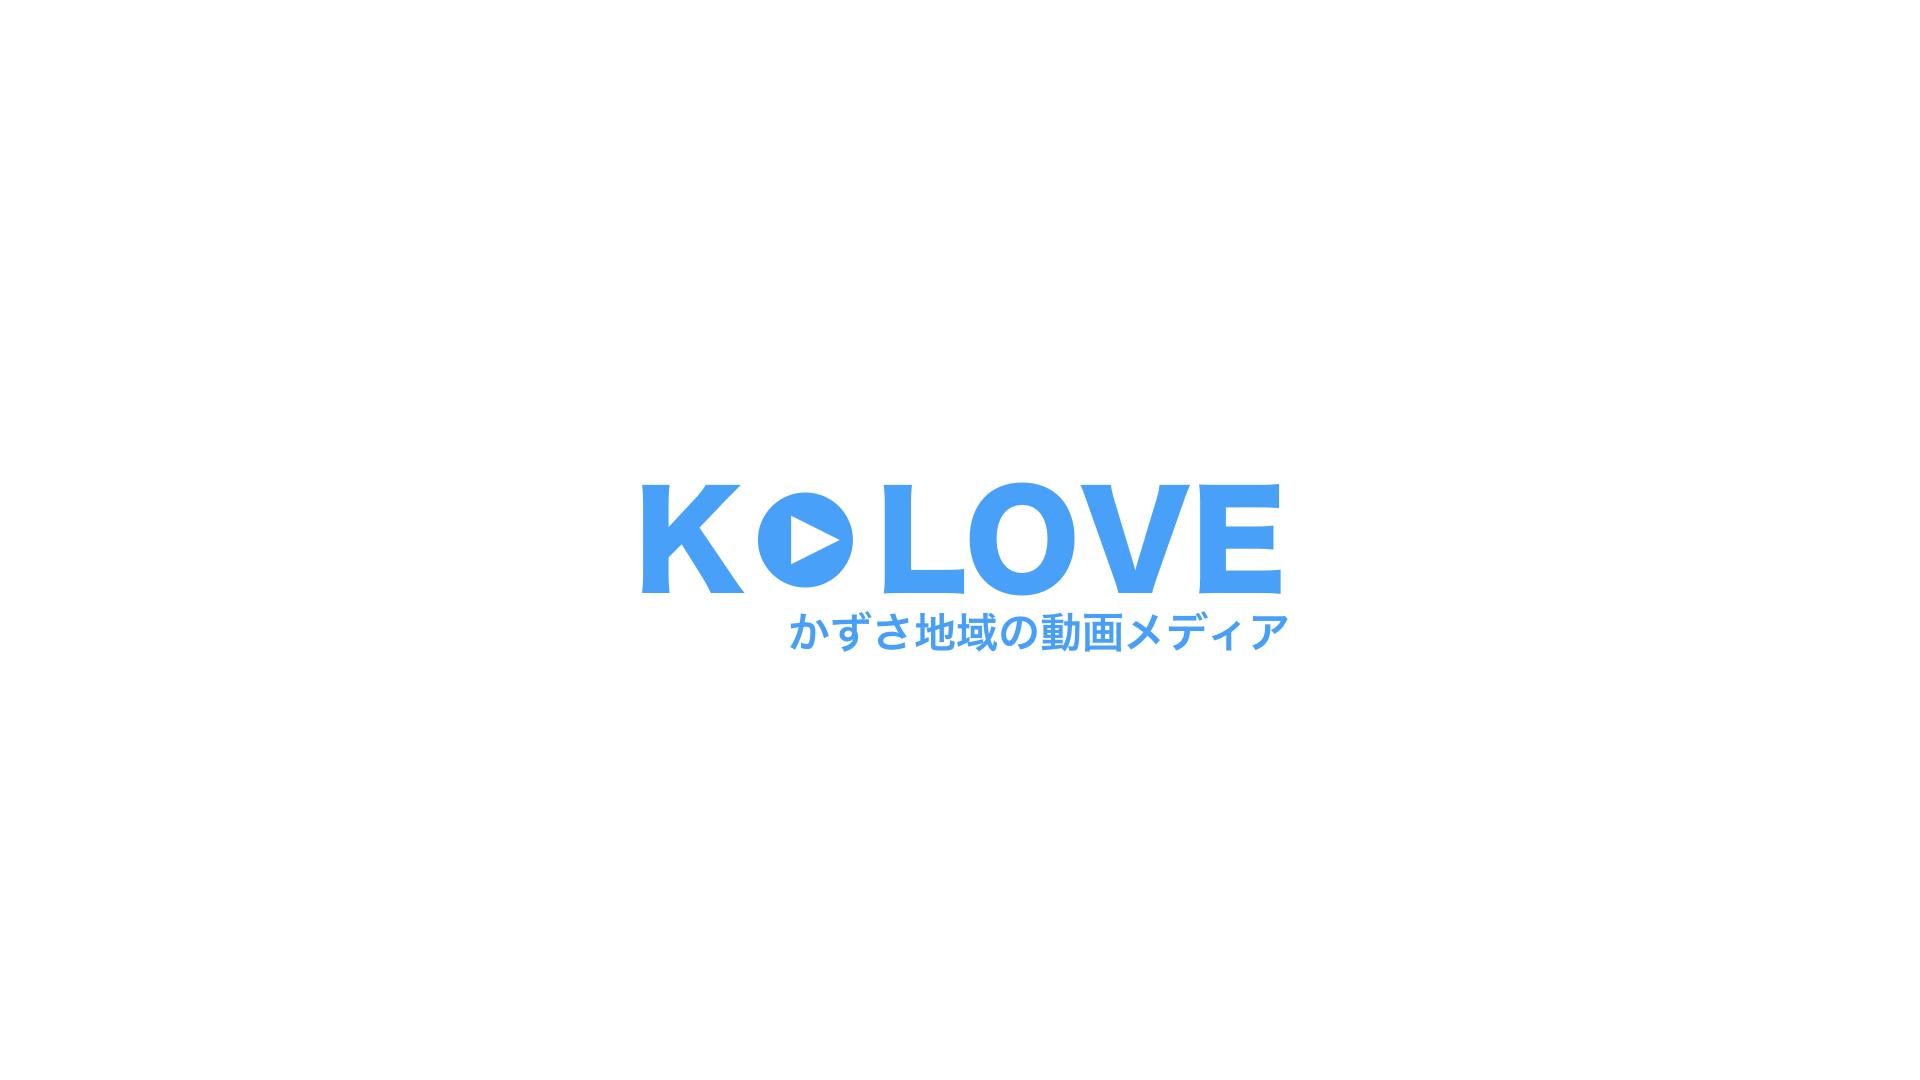 動画メディアK-LOVE運営